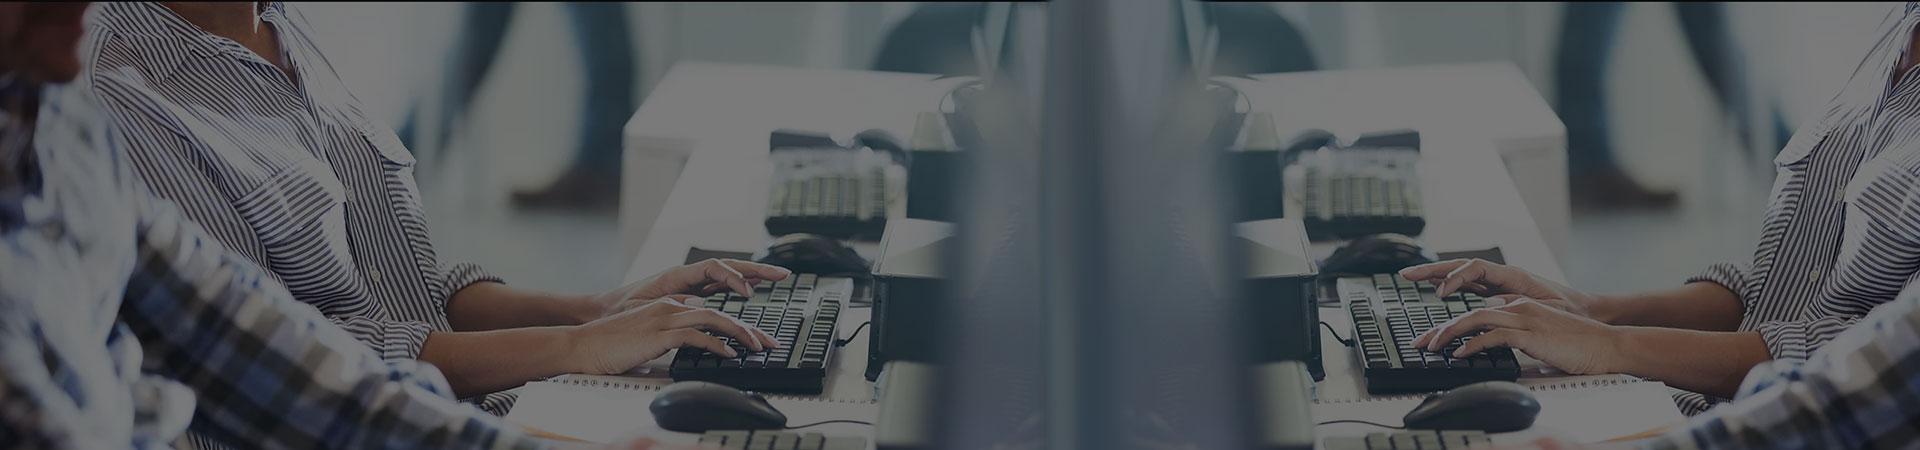 NetSuite CRM(3):NetSuite伙伴关系管理